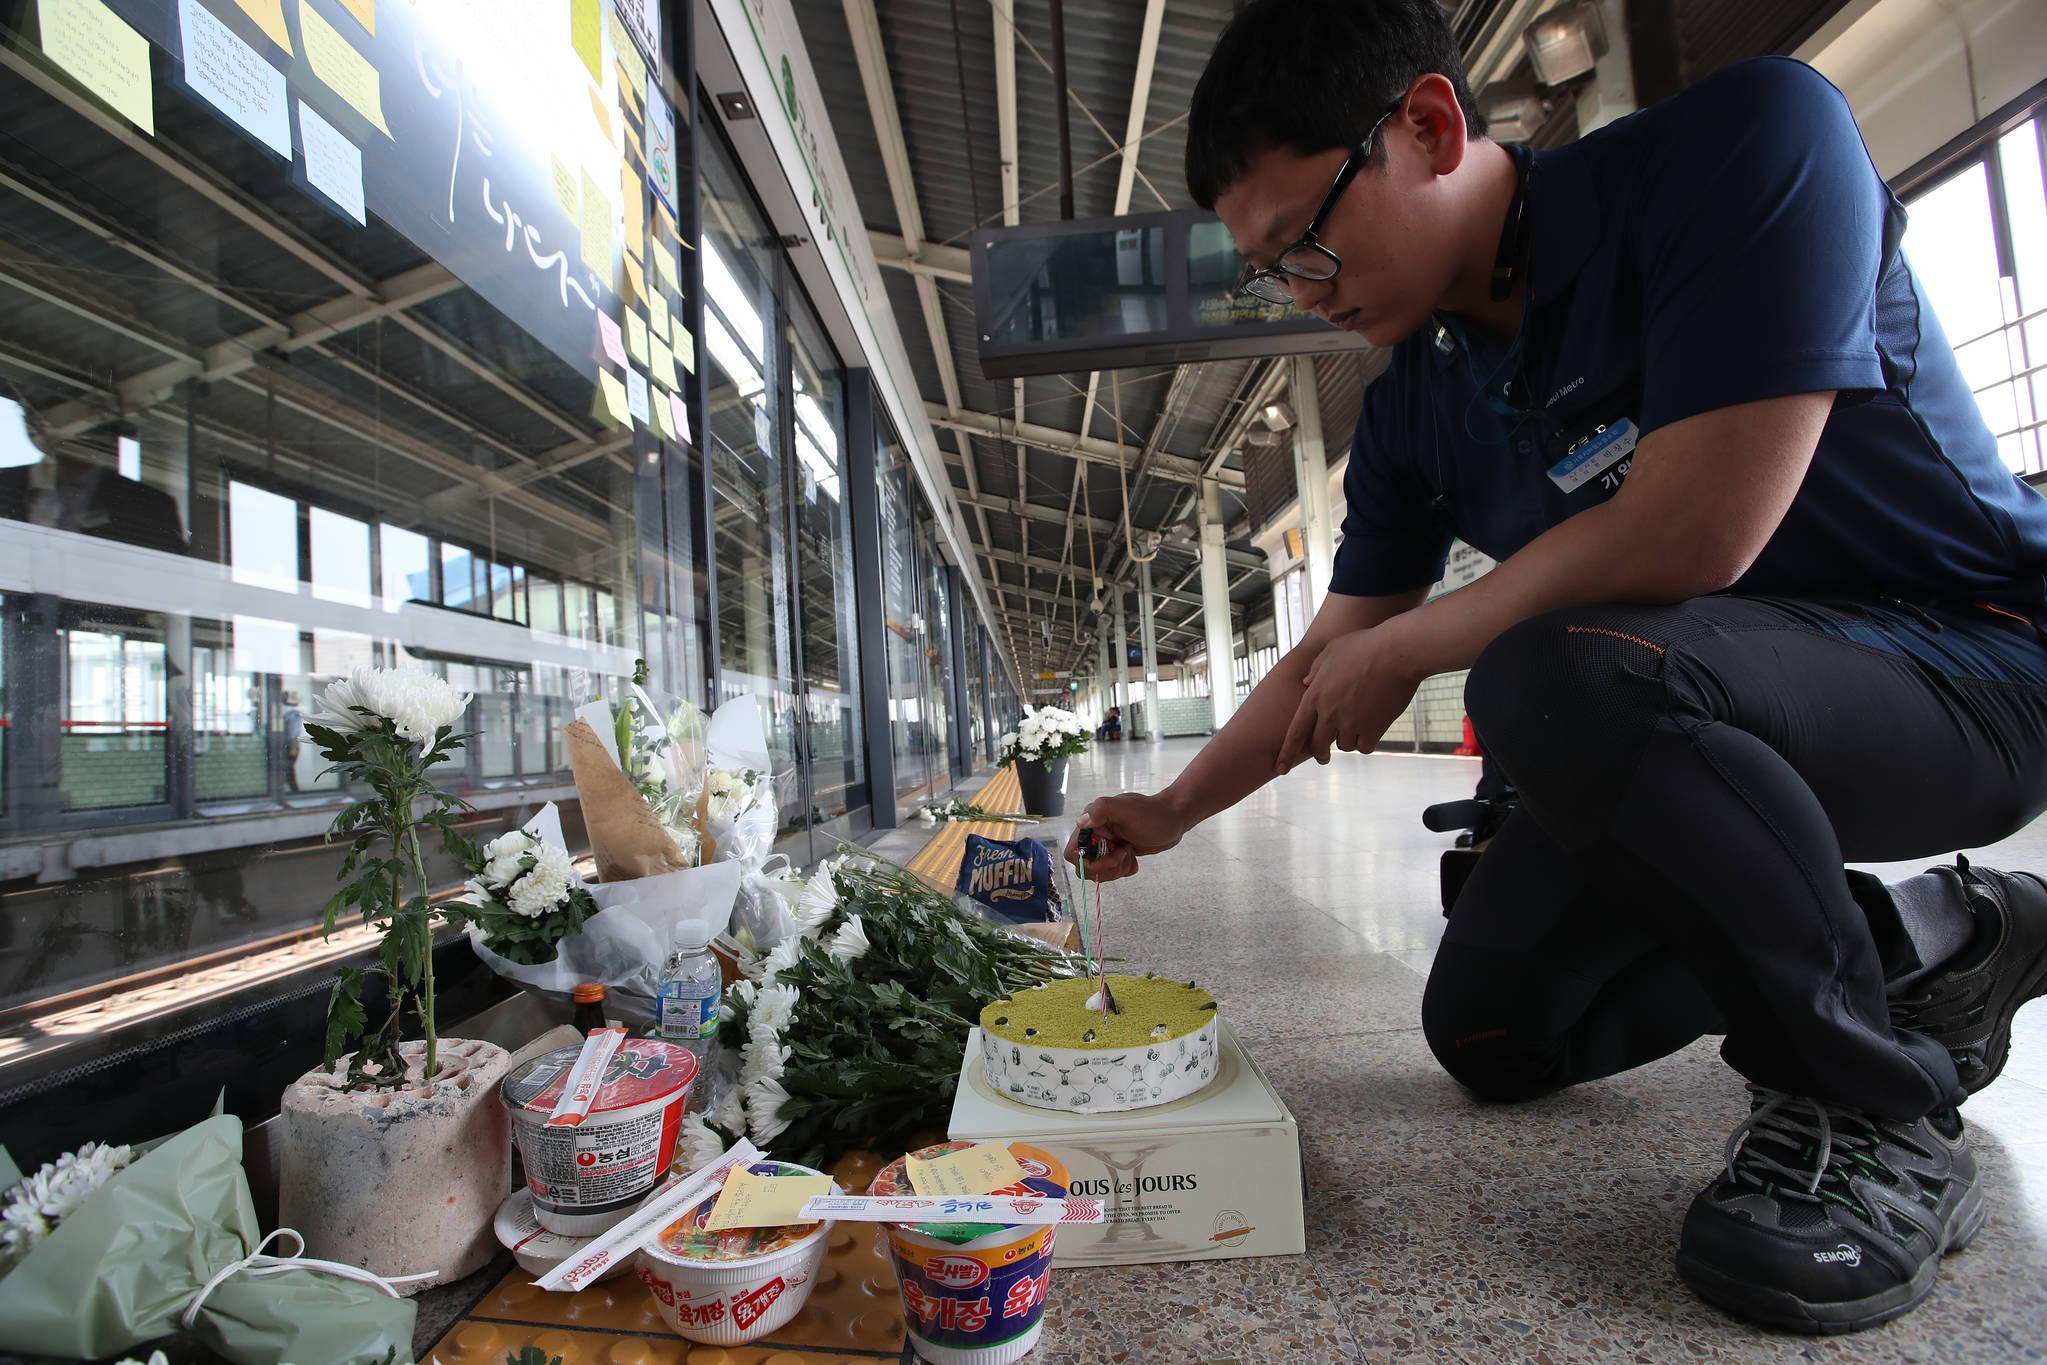 숨진 김 씨와 함께 근무했던 박창수 씨가 케이크에 불을 붙이고 있다. 김 씨는 지난해 생일을 하루 남기고 사고를 당했다.